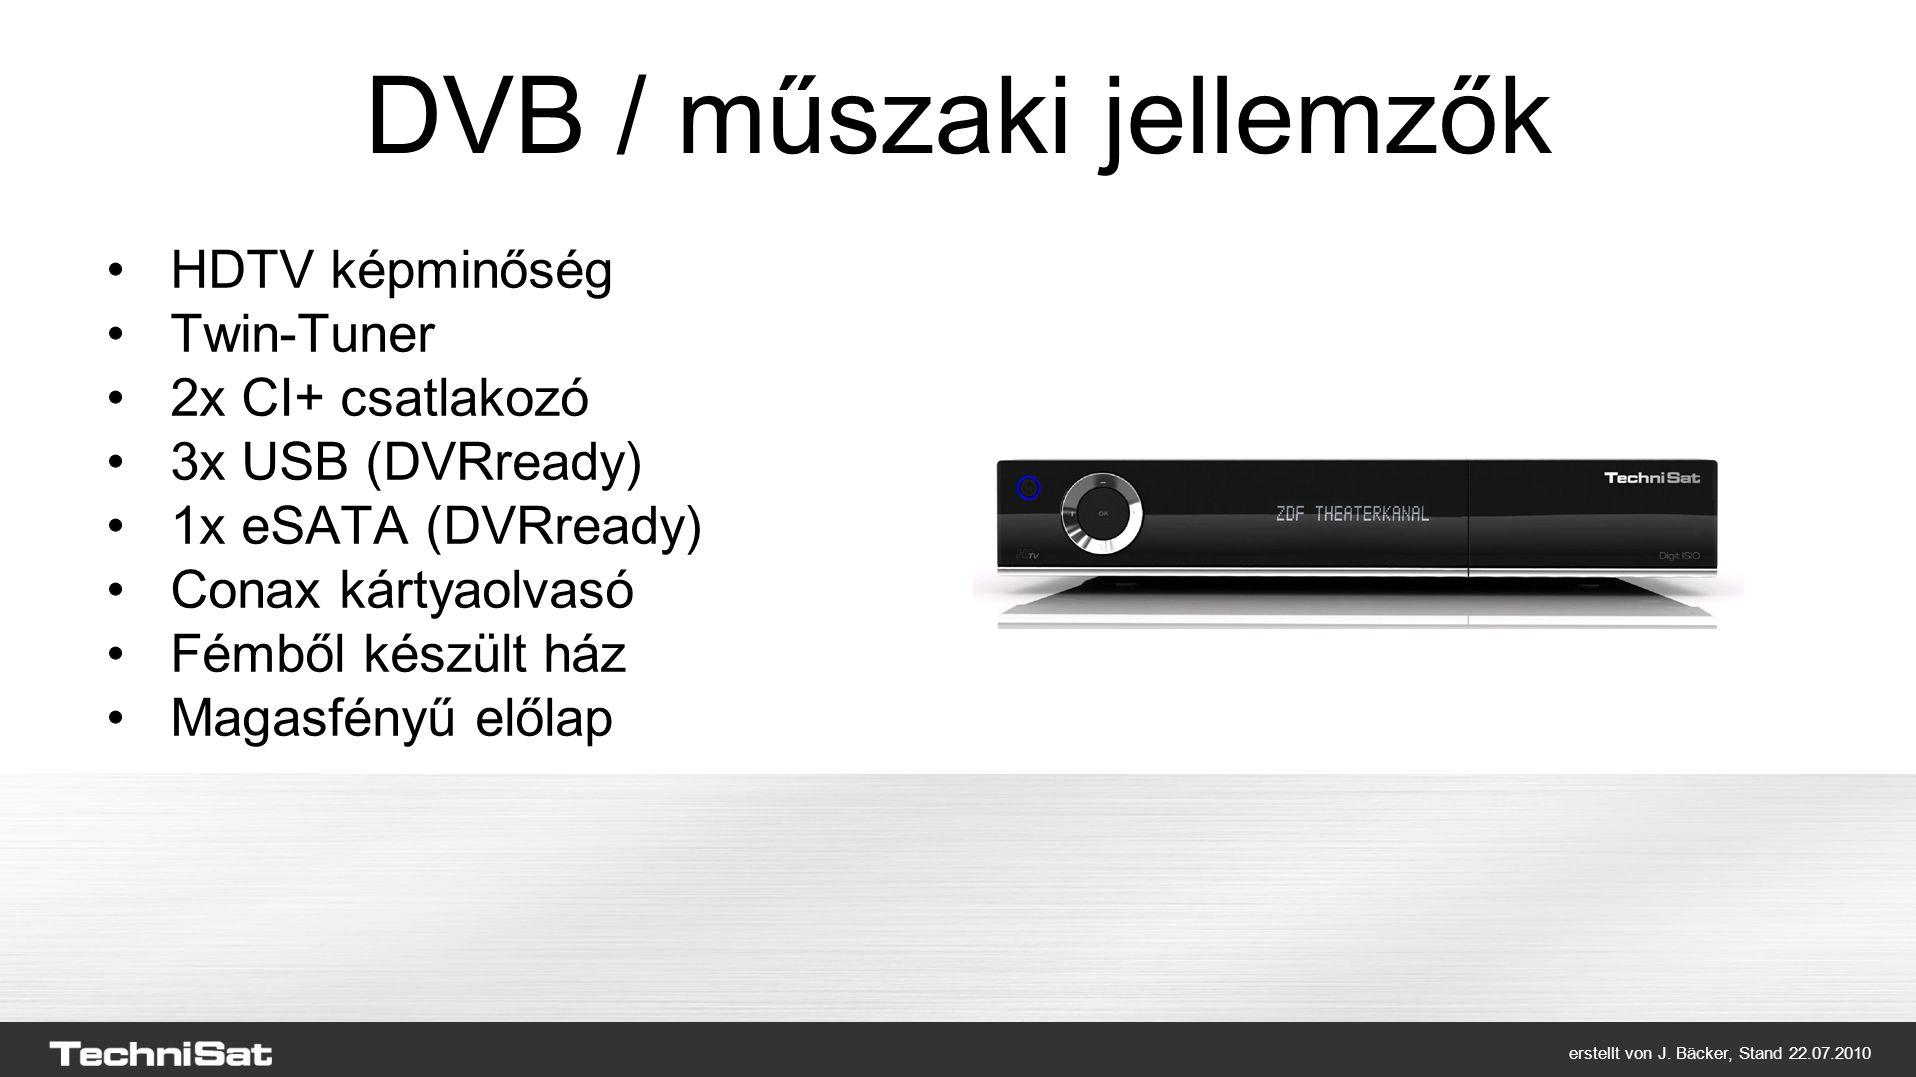 erstellt von J. Bäcker, Stand 22.07.2010 Mi az újdonság? Az Internet és a DVB világának egyesítése